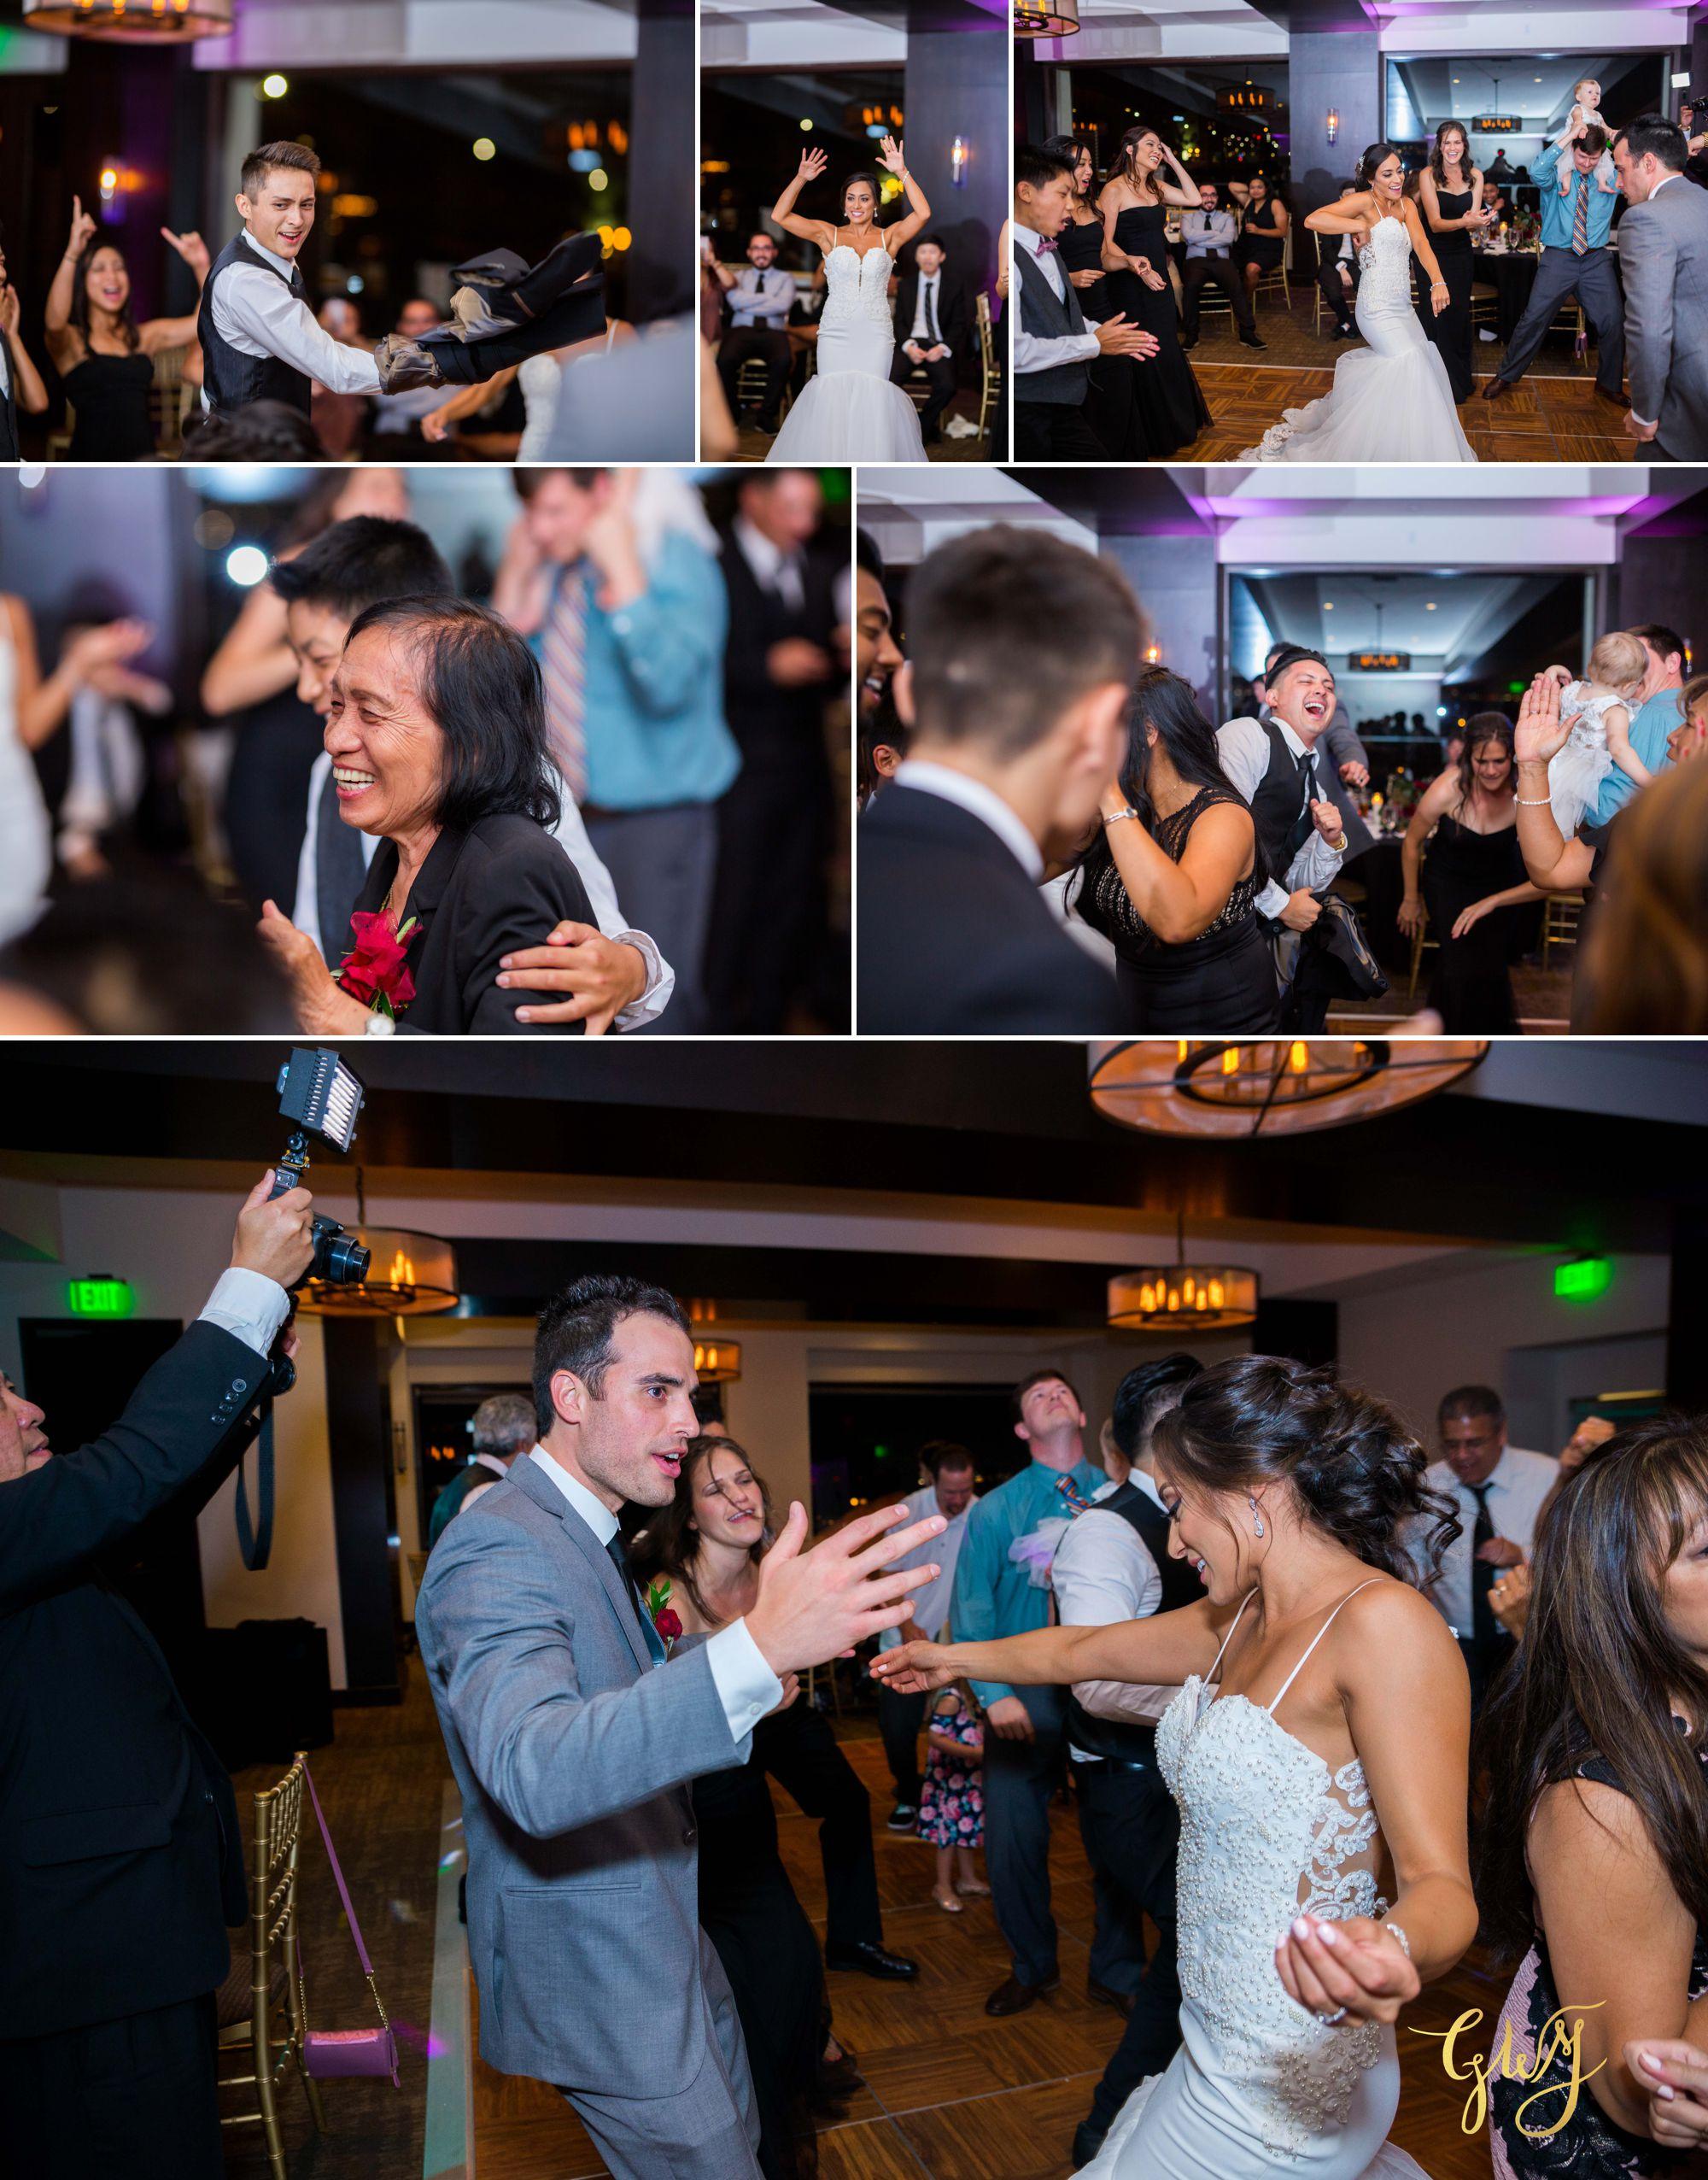 Alex + Jackie Elegant Tom Ham's Lighthouse San Diego Wedding by Glass Woods Media 44.jpg